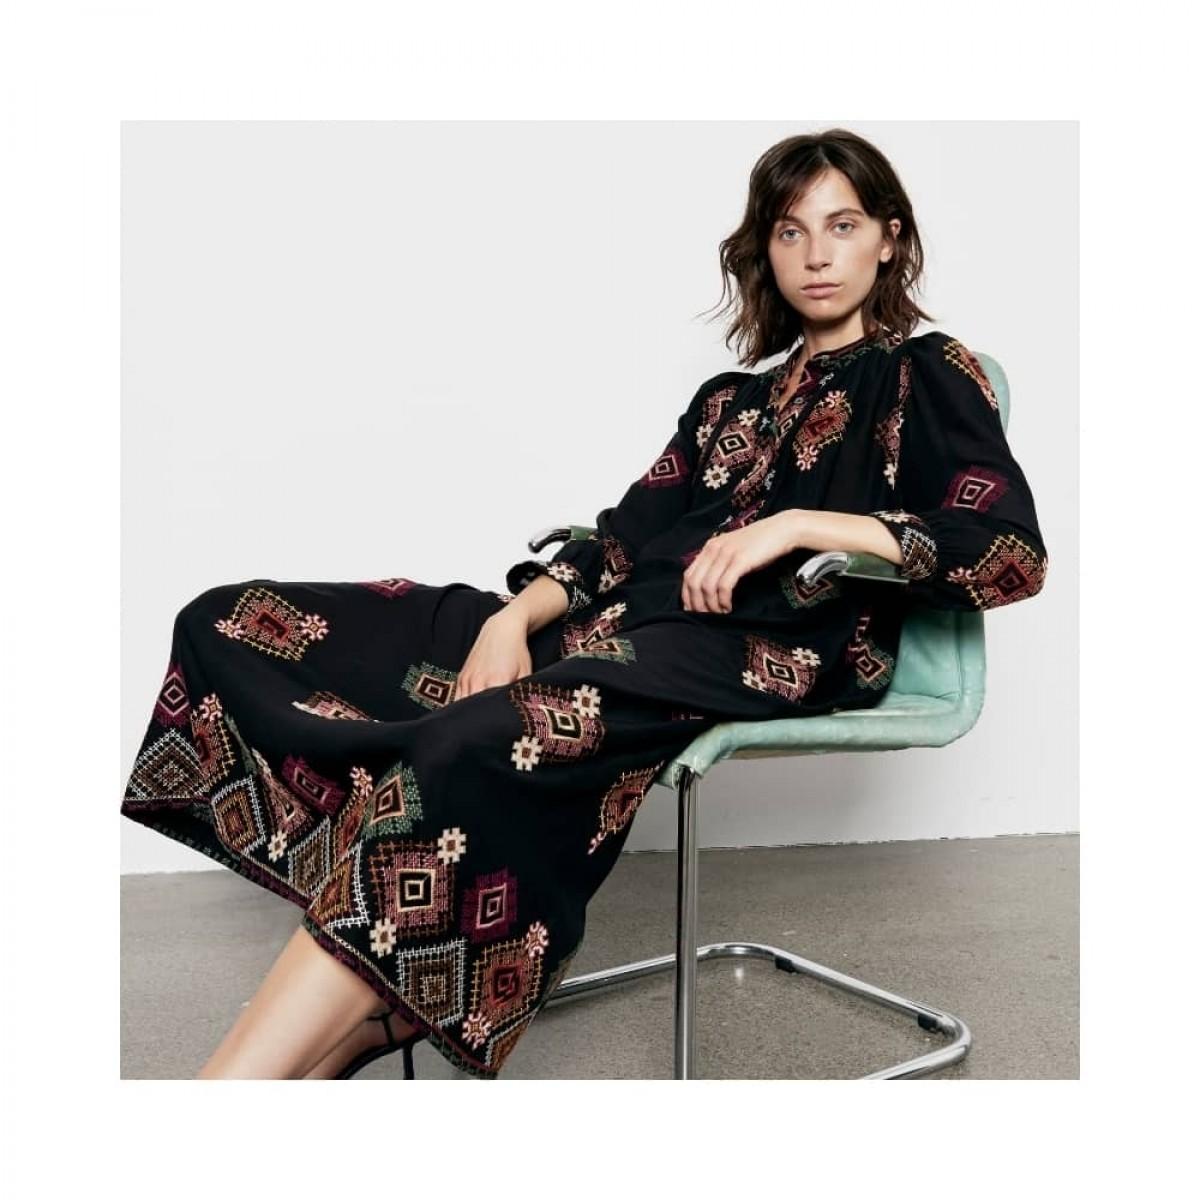 signe embroidered kjole - black